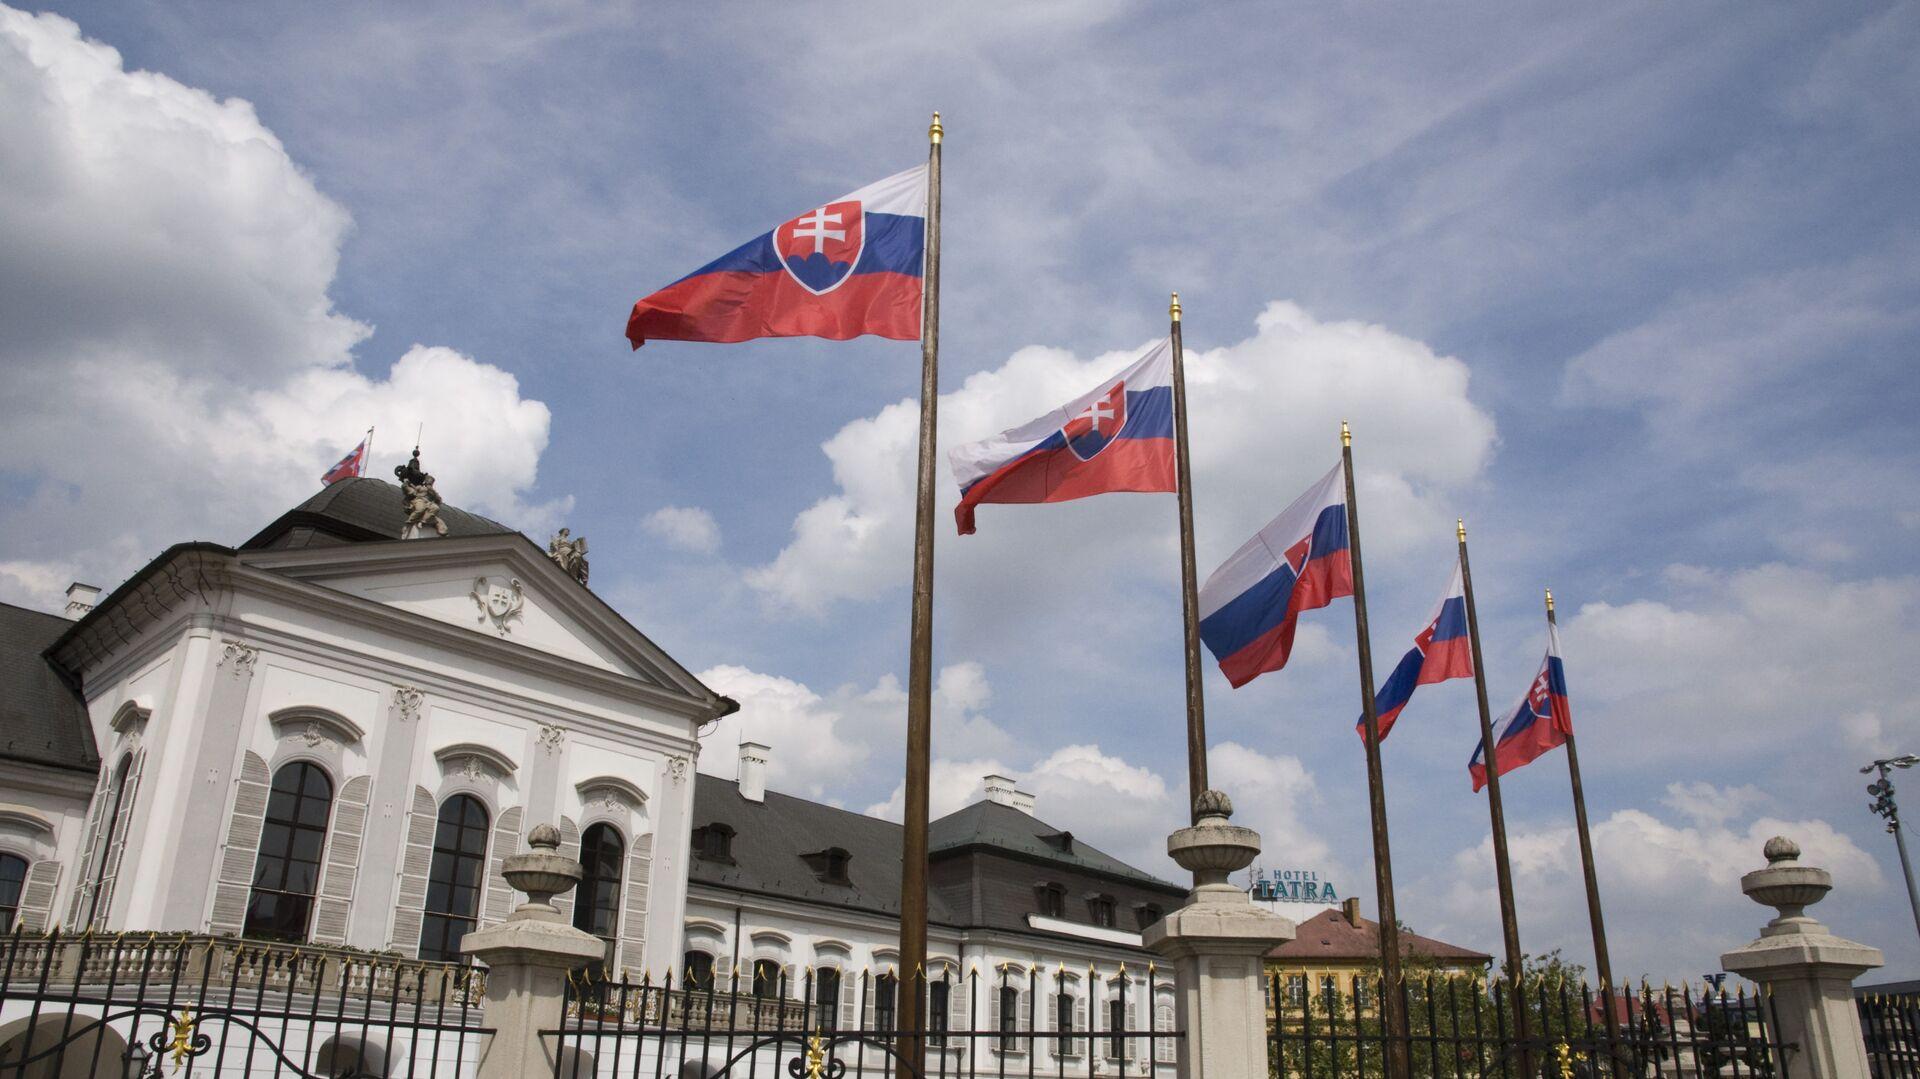 Prezidentský palác v Bratislavě - Sputnik Česká republika, 1920, 21.06.2021